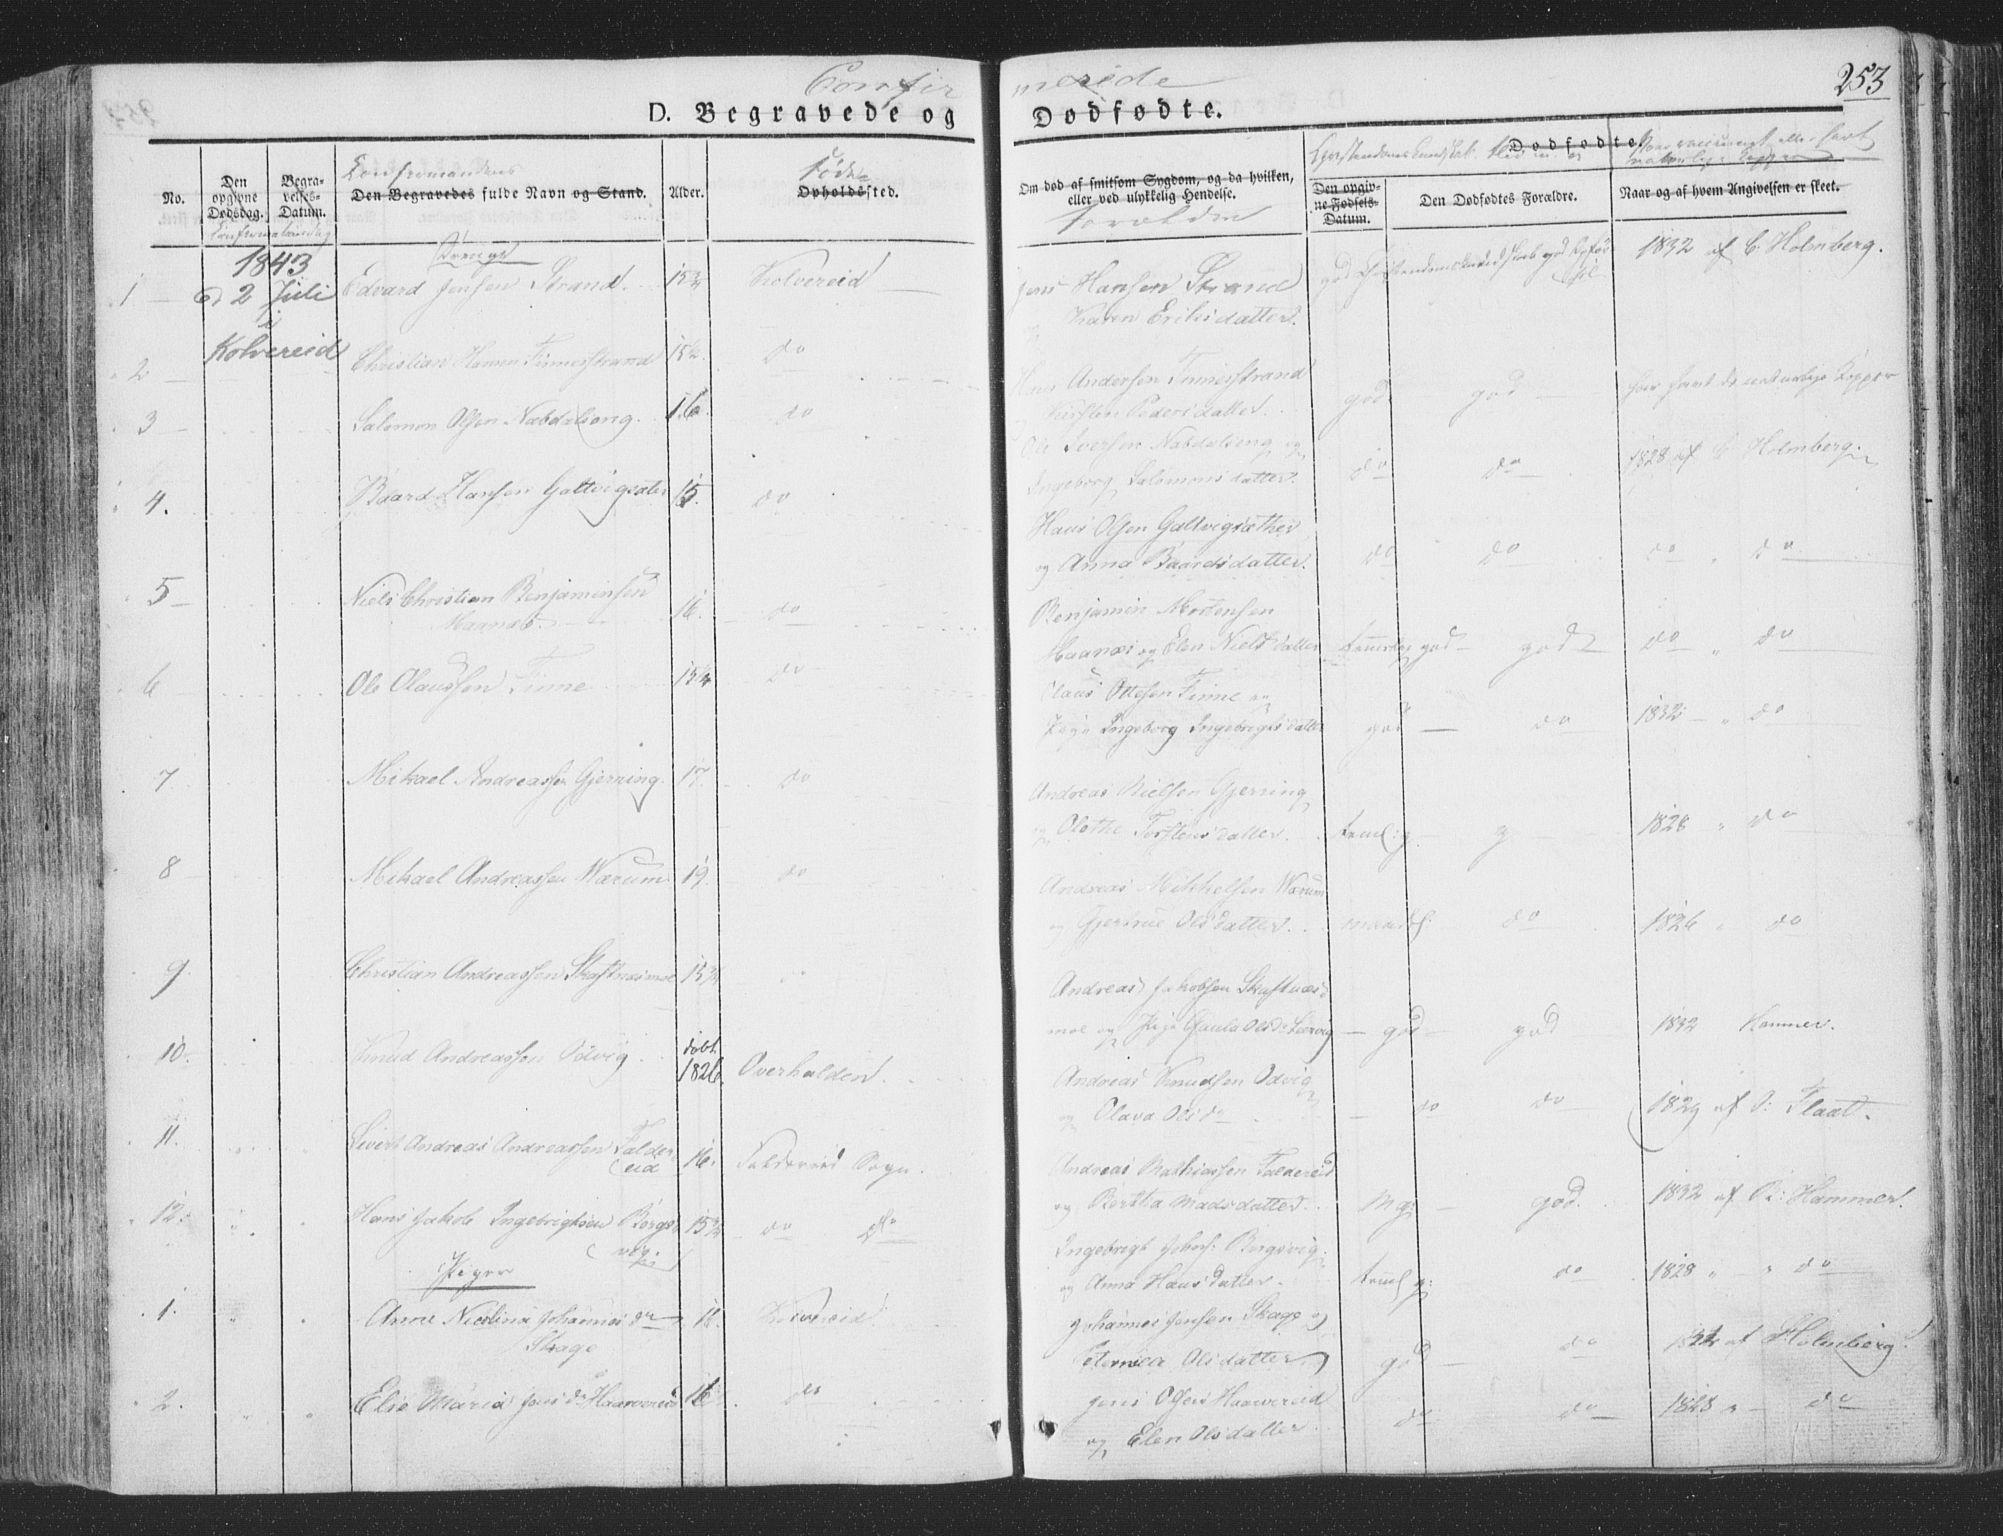 SAT, Ministerialprotokoller, klokkerbøker og fødselsregistre - Nord-Trøndelag, 780/L0639: Ministerialbok nr. 780A04, 1830-1844, s. 253